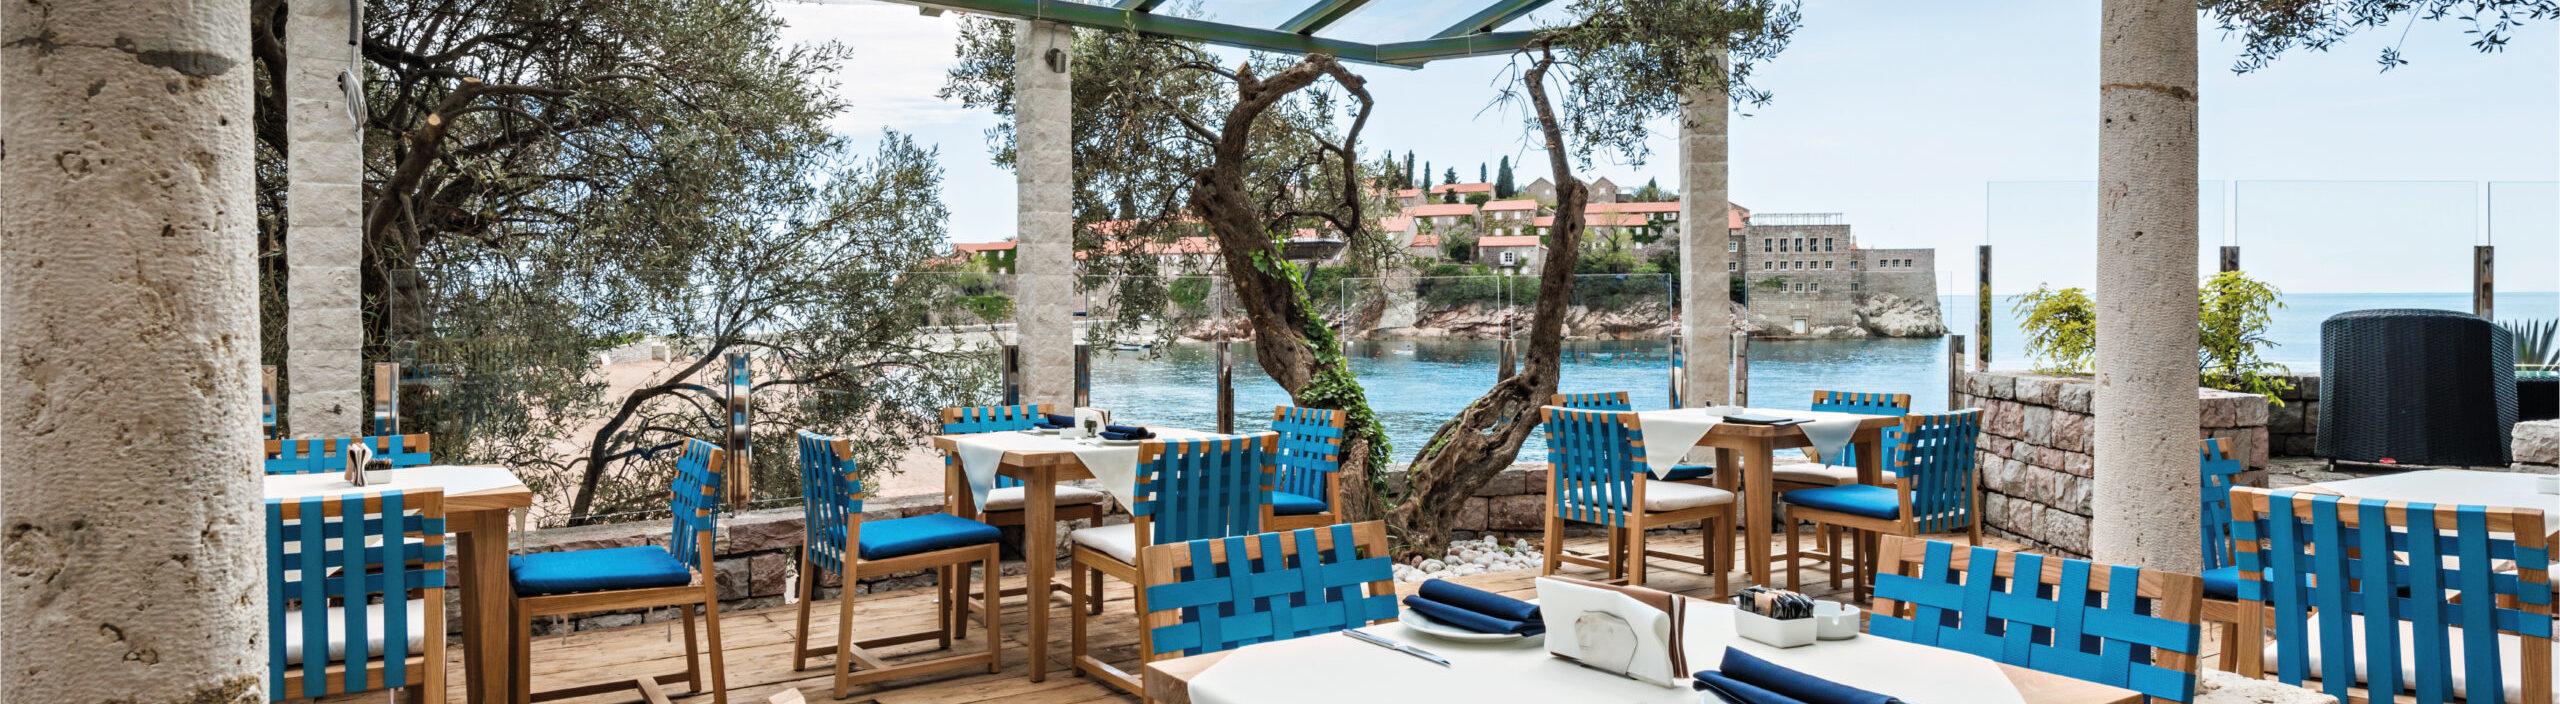 SOUS OFFRE D'ACHAT – Restaurant traditionnel en bord de mer – Saint-Gilles Croix De Vie